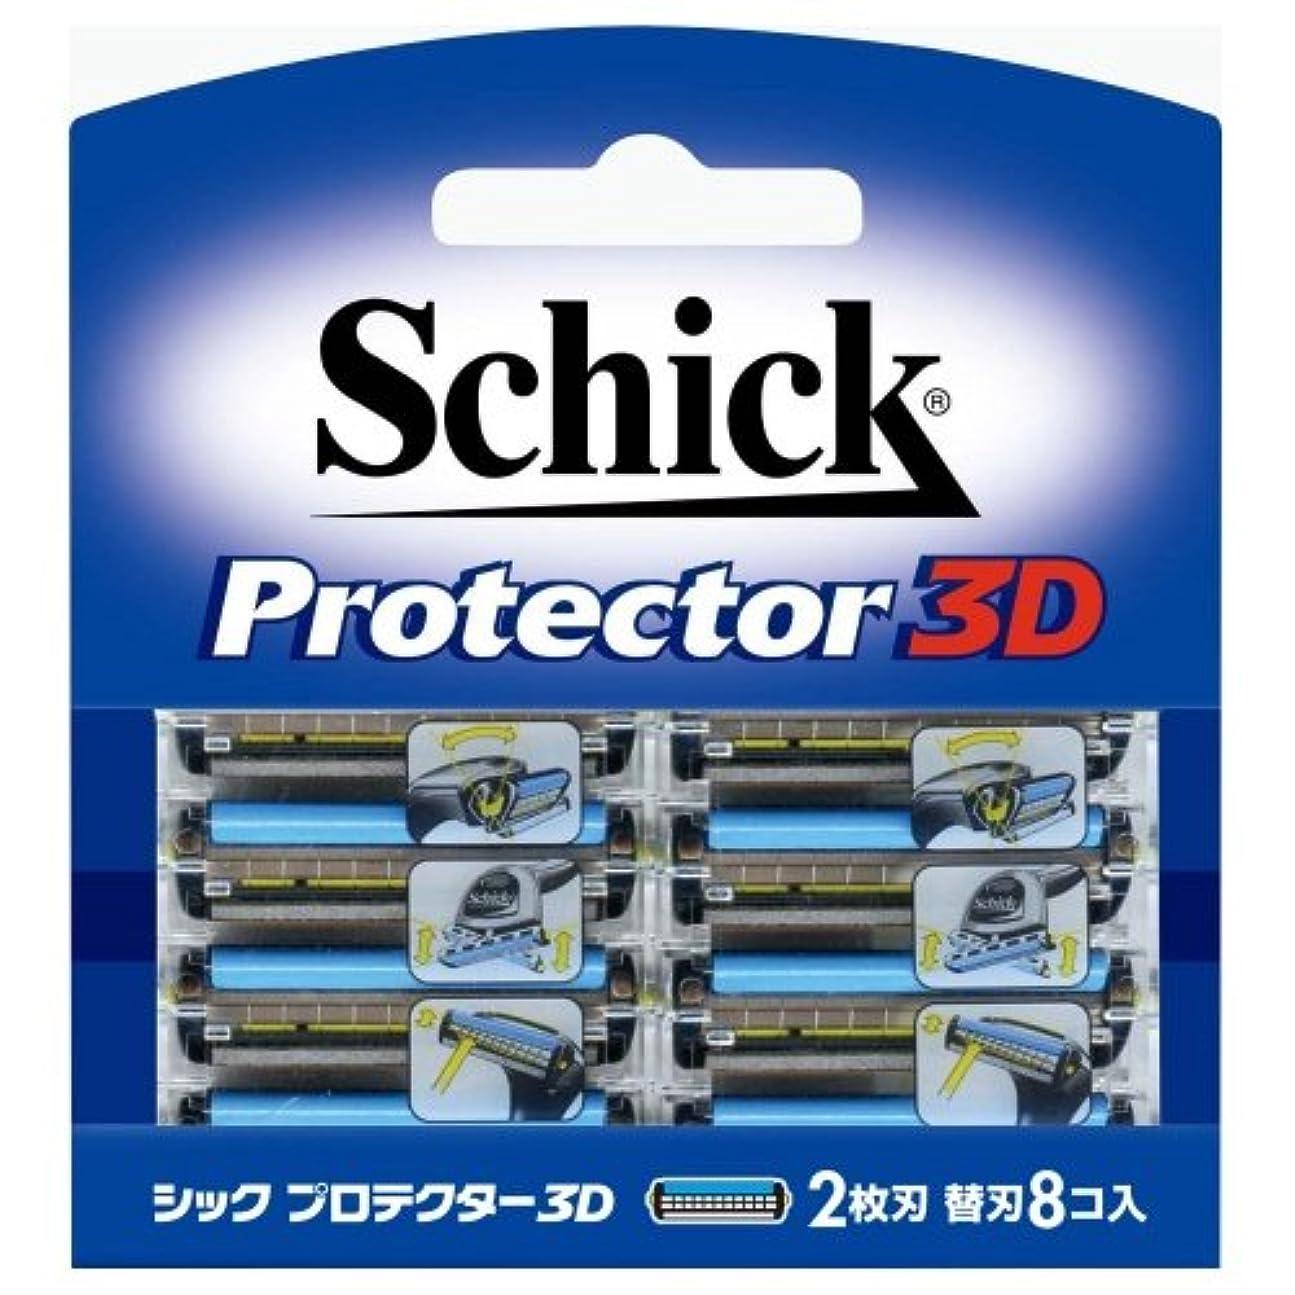 はさみ覚醒偶然のシック プロテクター3D 替刃(8コ入)